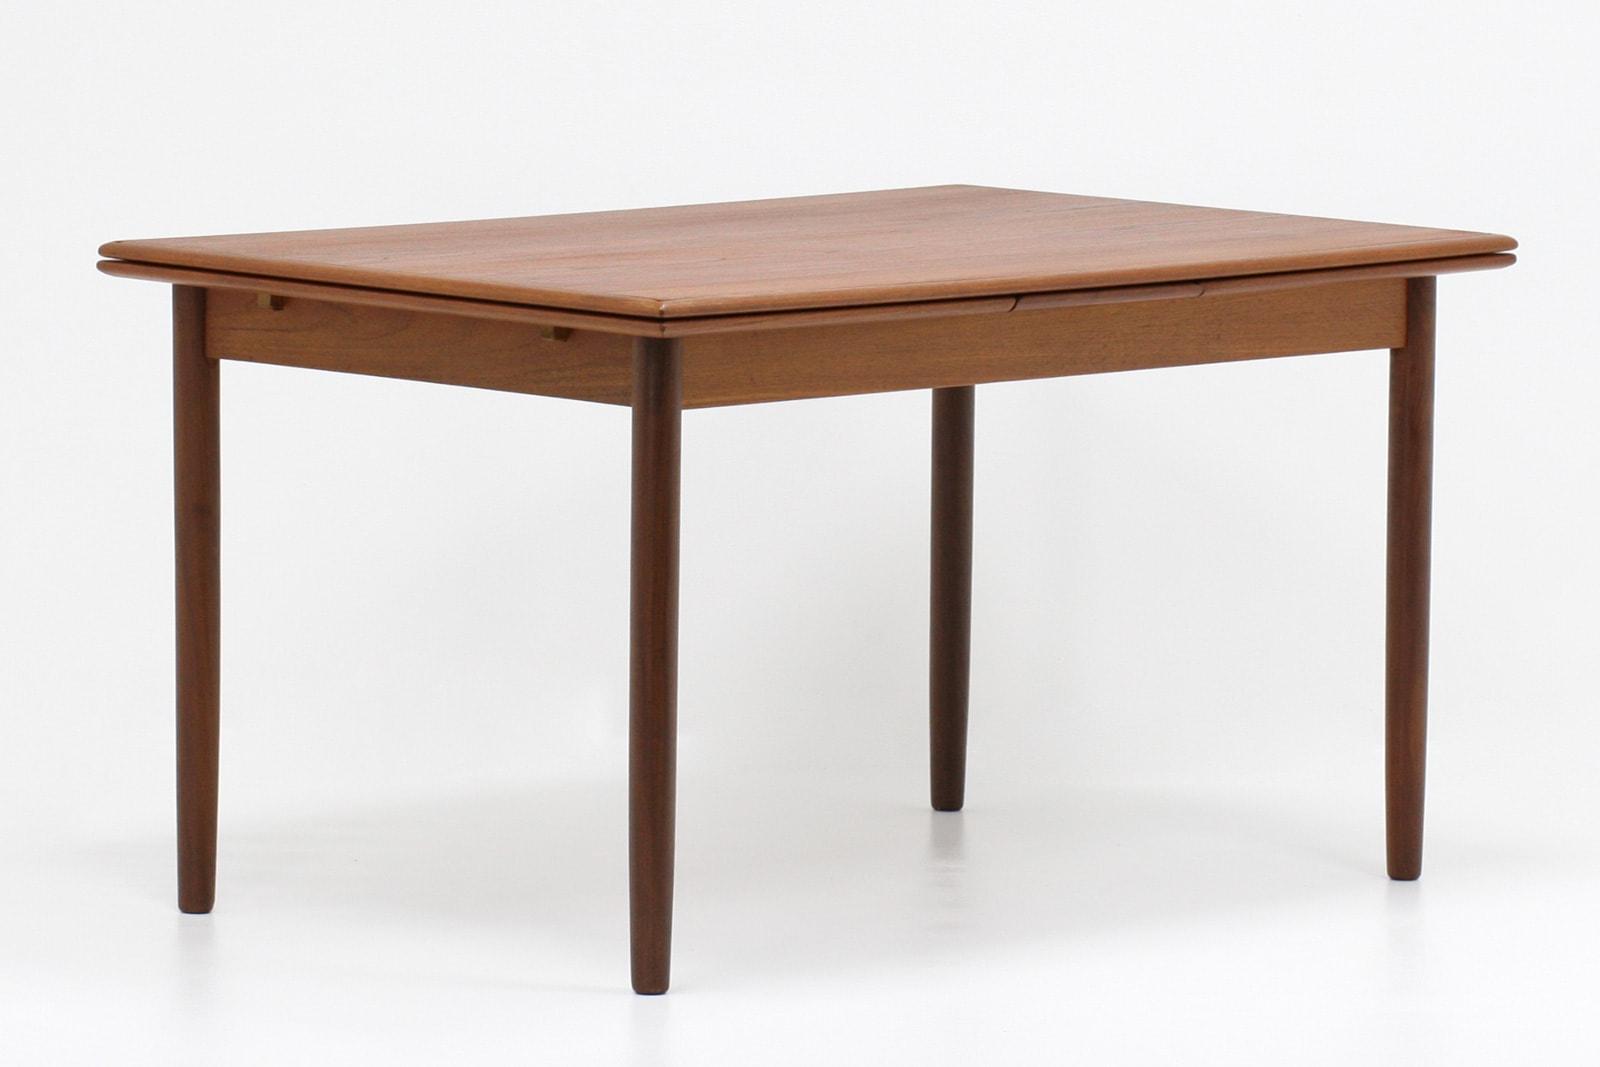 北欧,家具,ヴィンテージ,ダイニングテーブル,デンマーク